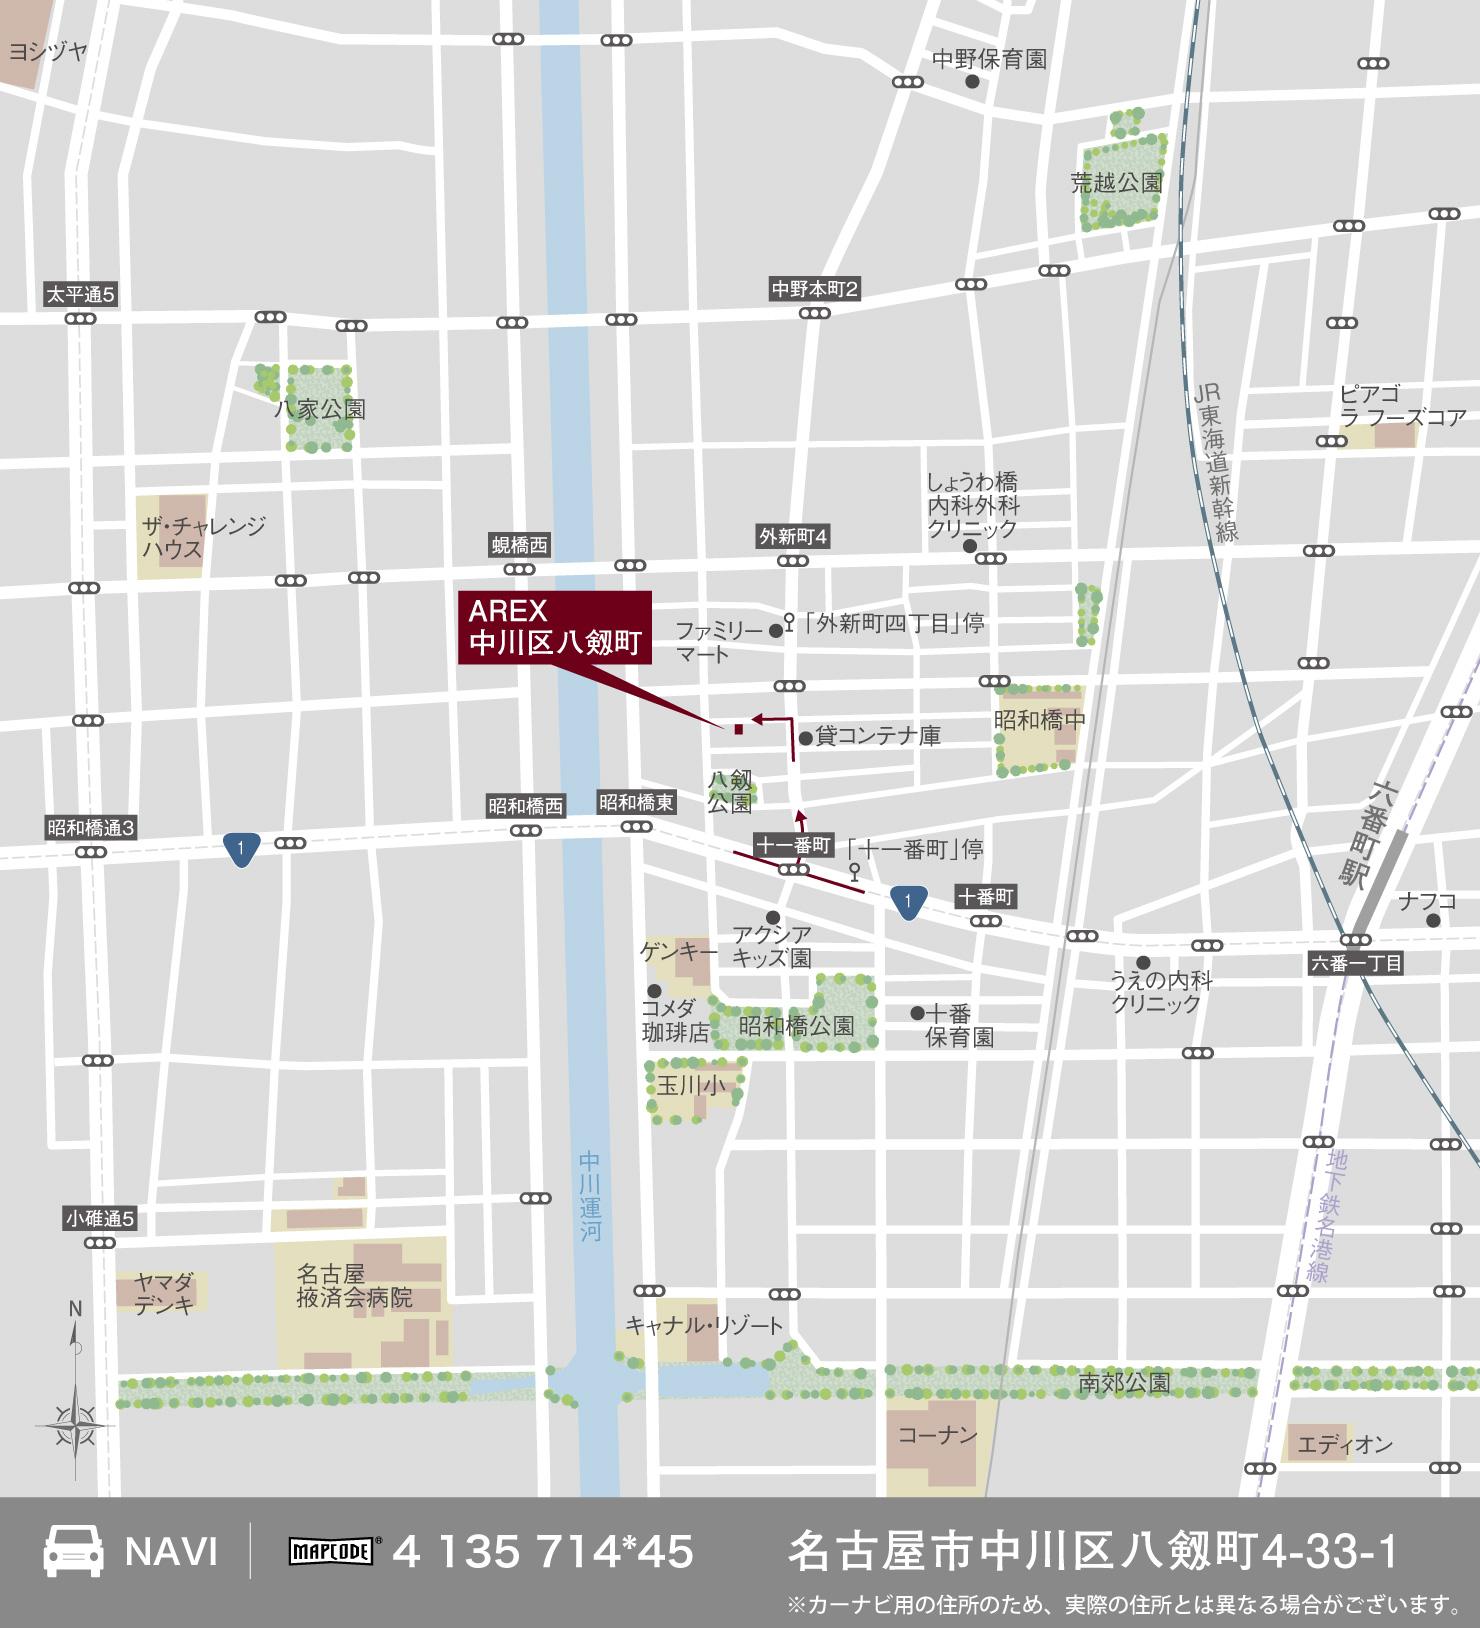 3_地図_中川区八剱町